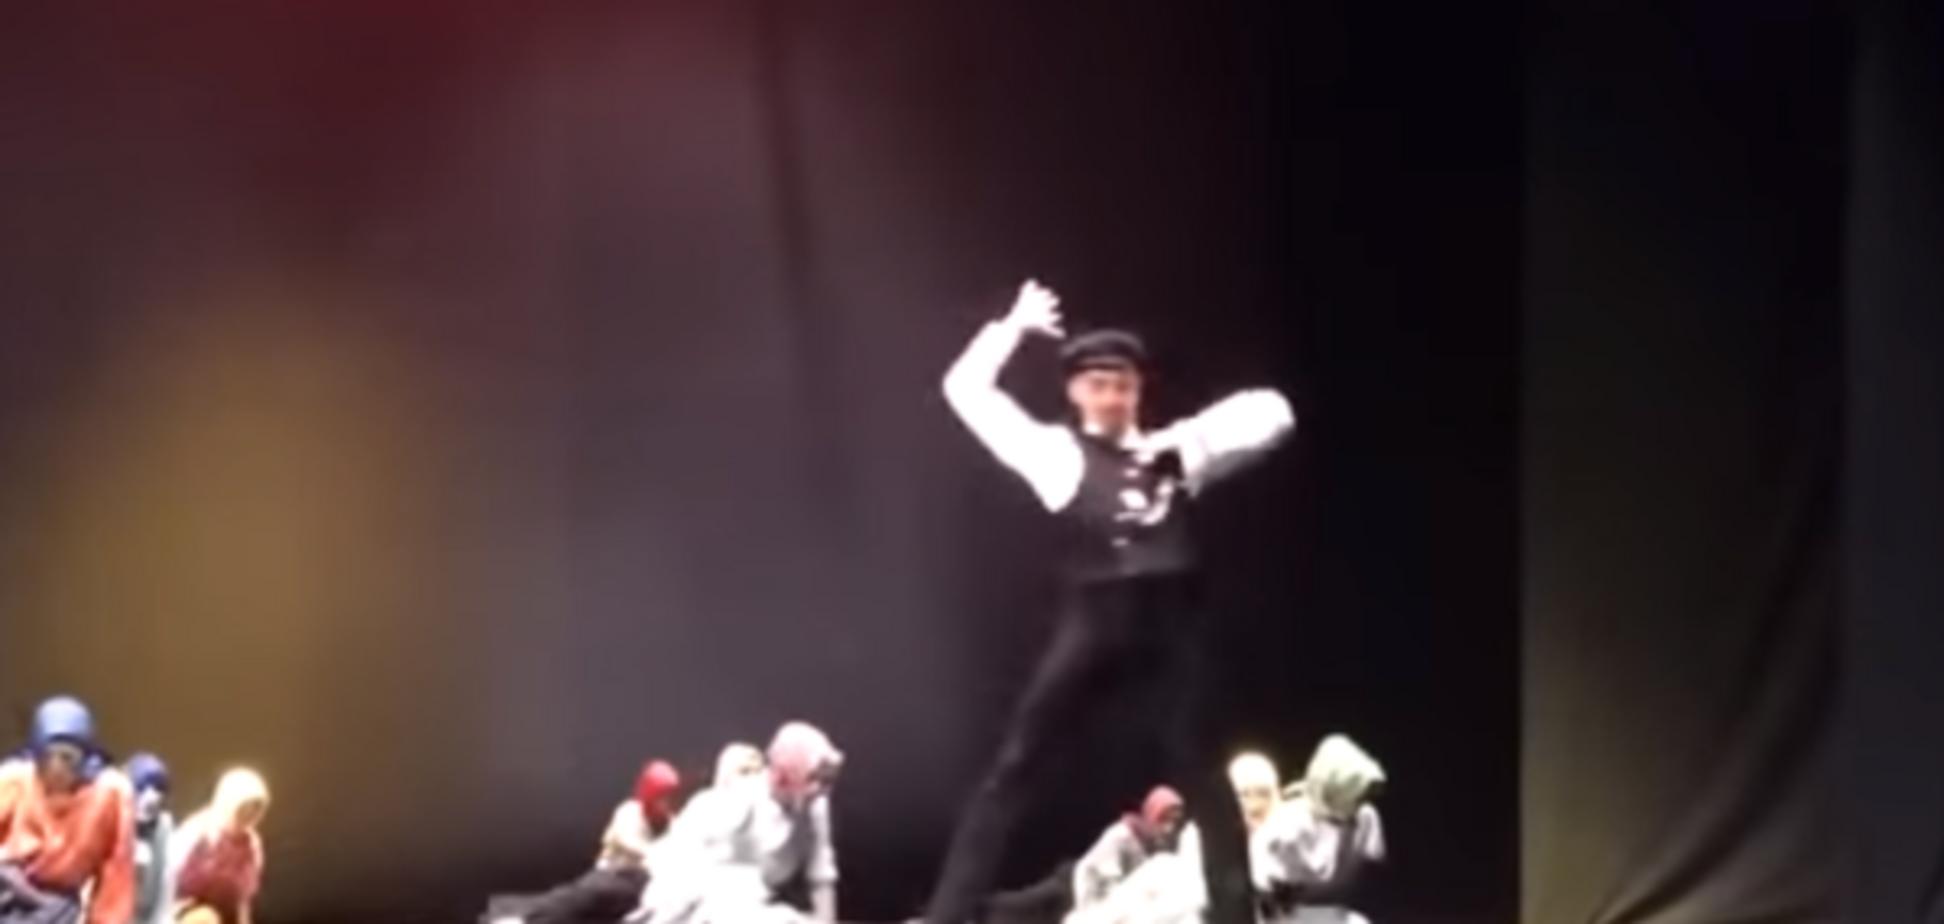 'Тепер ти бачив все': балет про Леніна і колоду викликав істерику в мережі